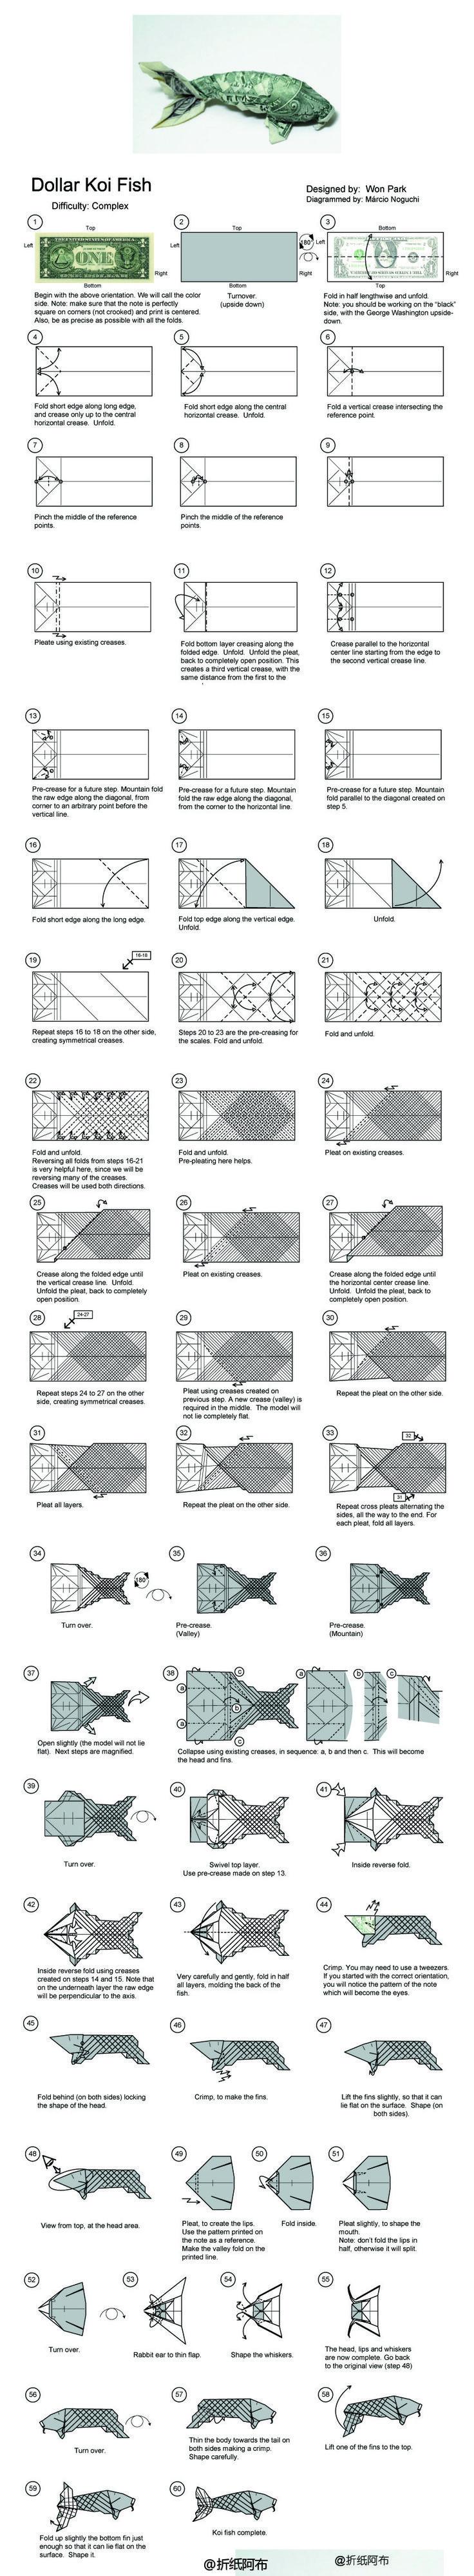 Koi Fish Origami Dollar Bill Instructions